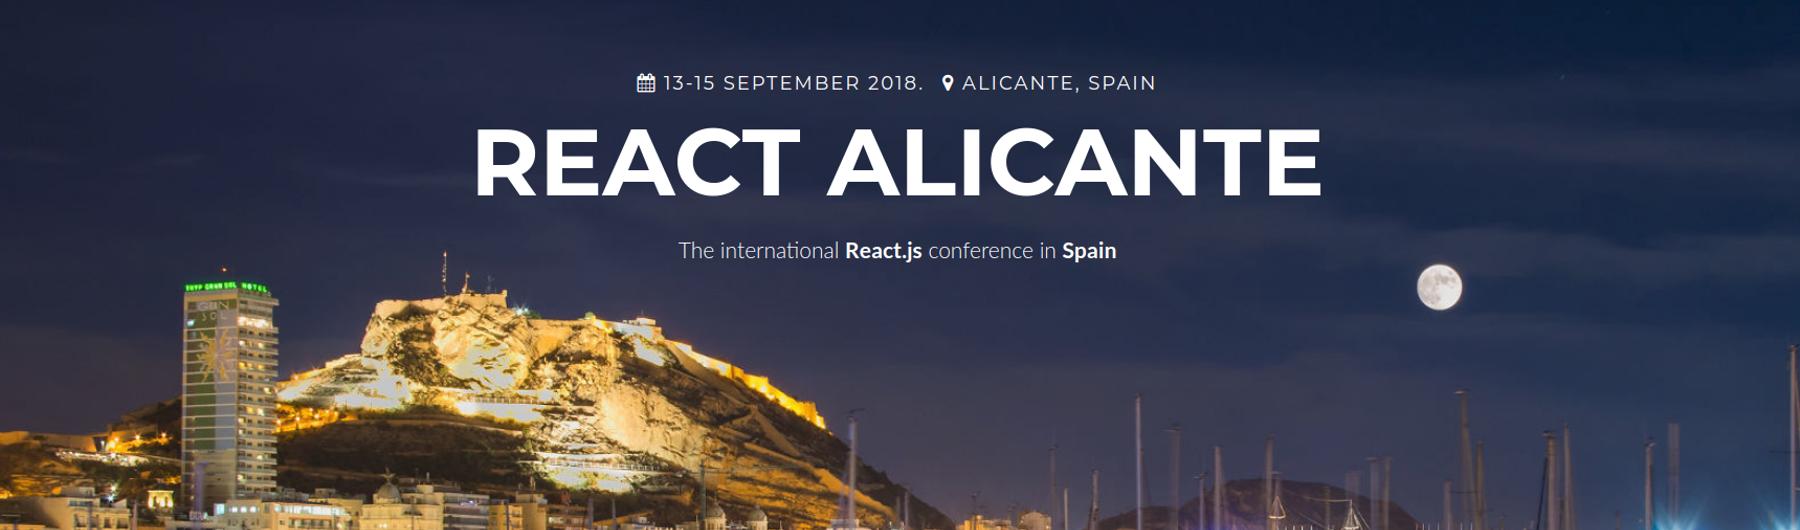 React Alicante 2018